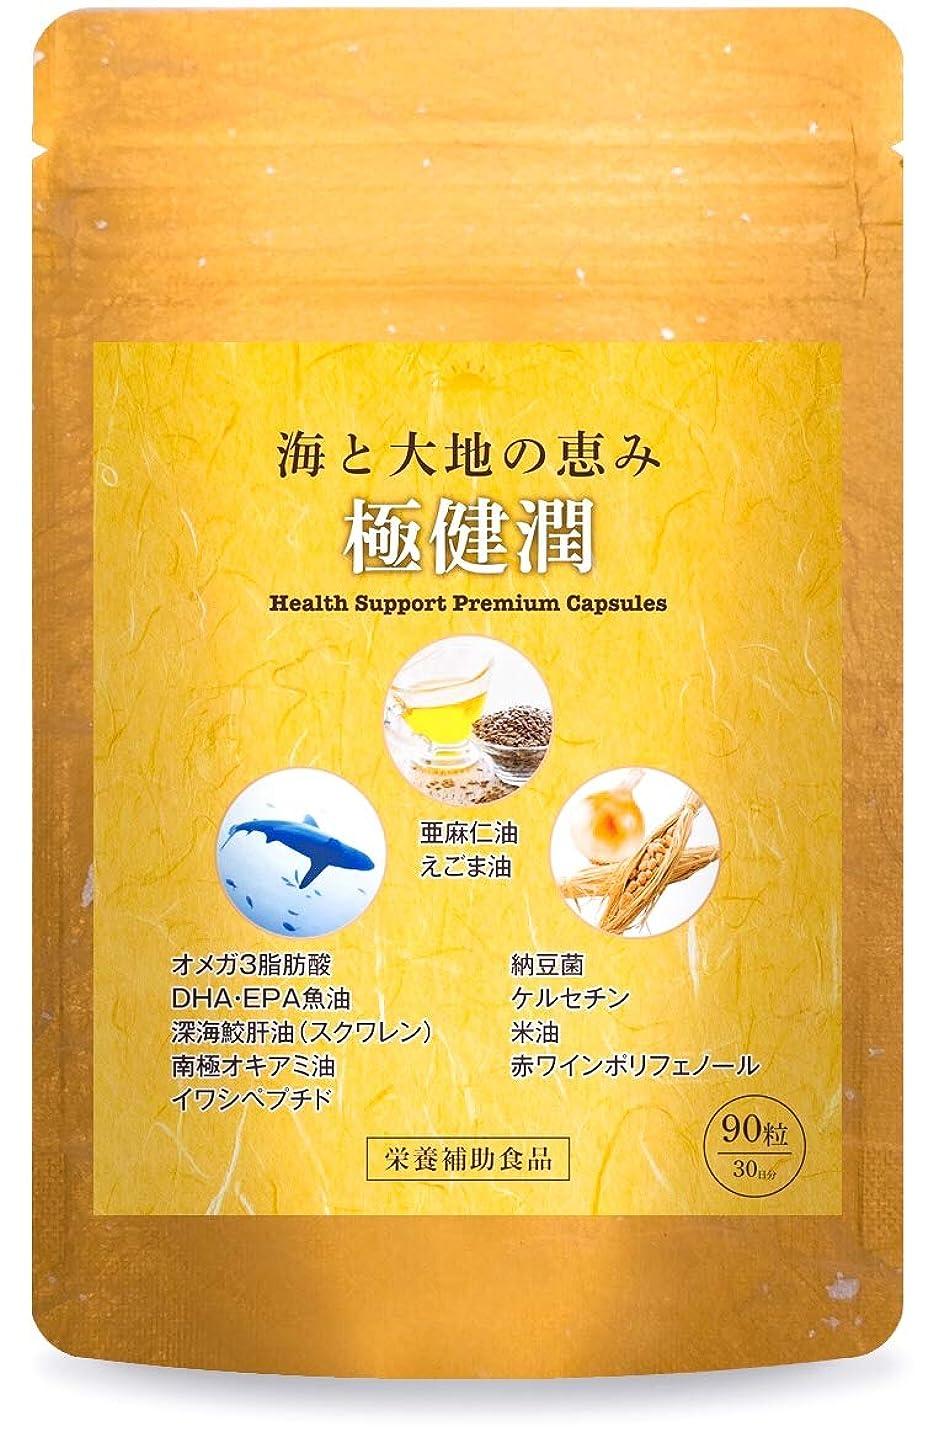 スタンド合併症鎮静剤極健潤 オメガ3 DHA EPA サプリメント 深海鮫肝油 納豆菌 ケルセチン 亜麻仁油 えごま油 30日分